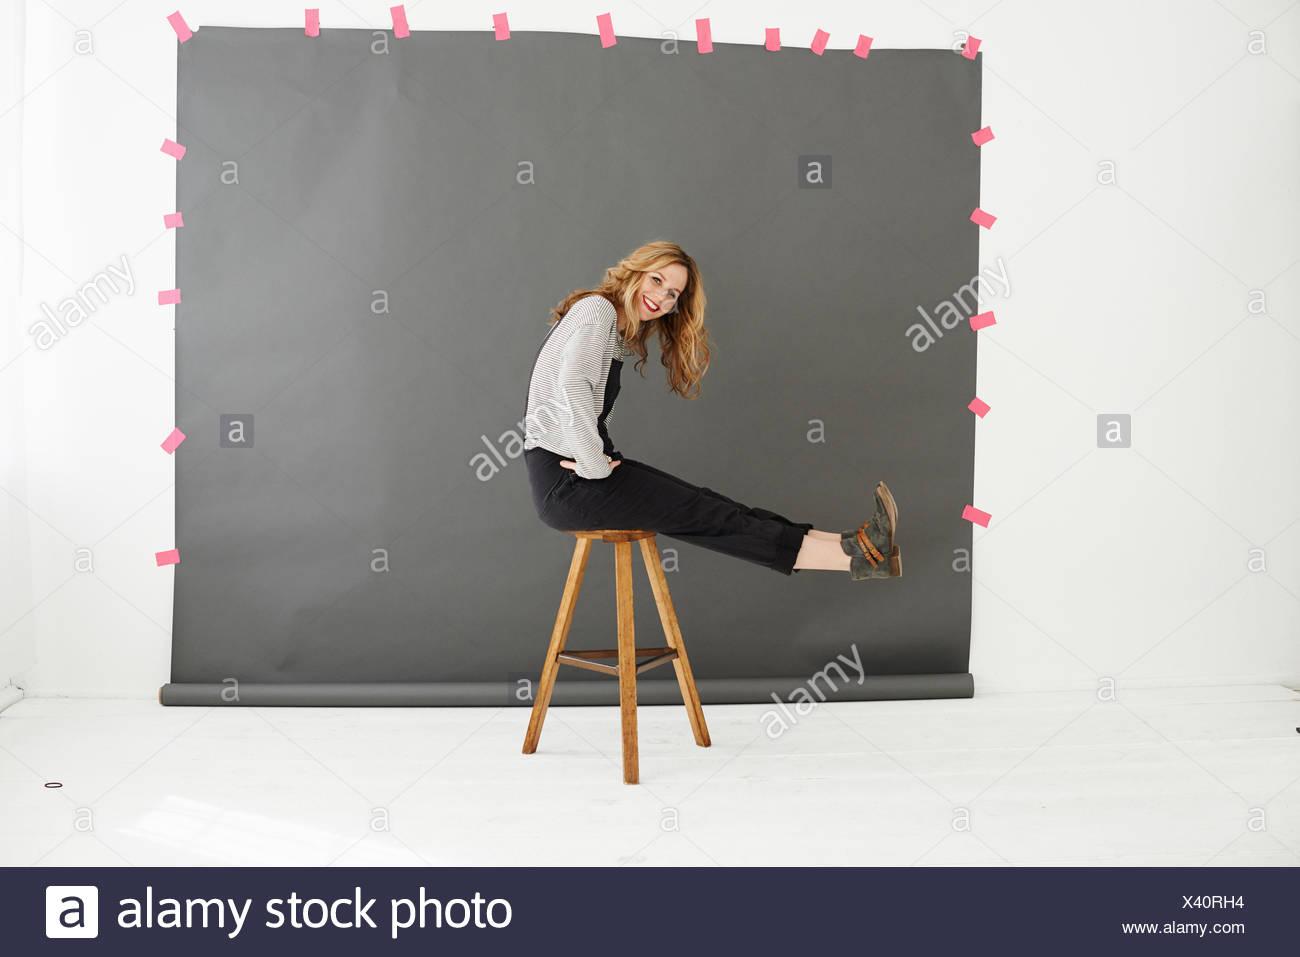 Mujer en silla de fotógrafos como telón de fondo Imagen De Stock